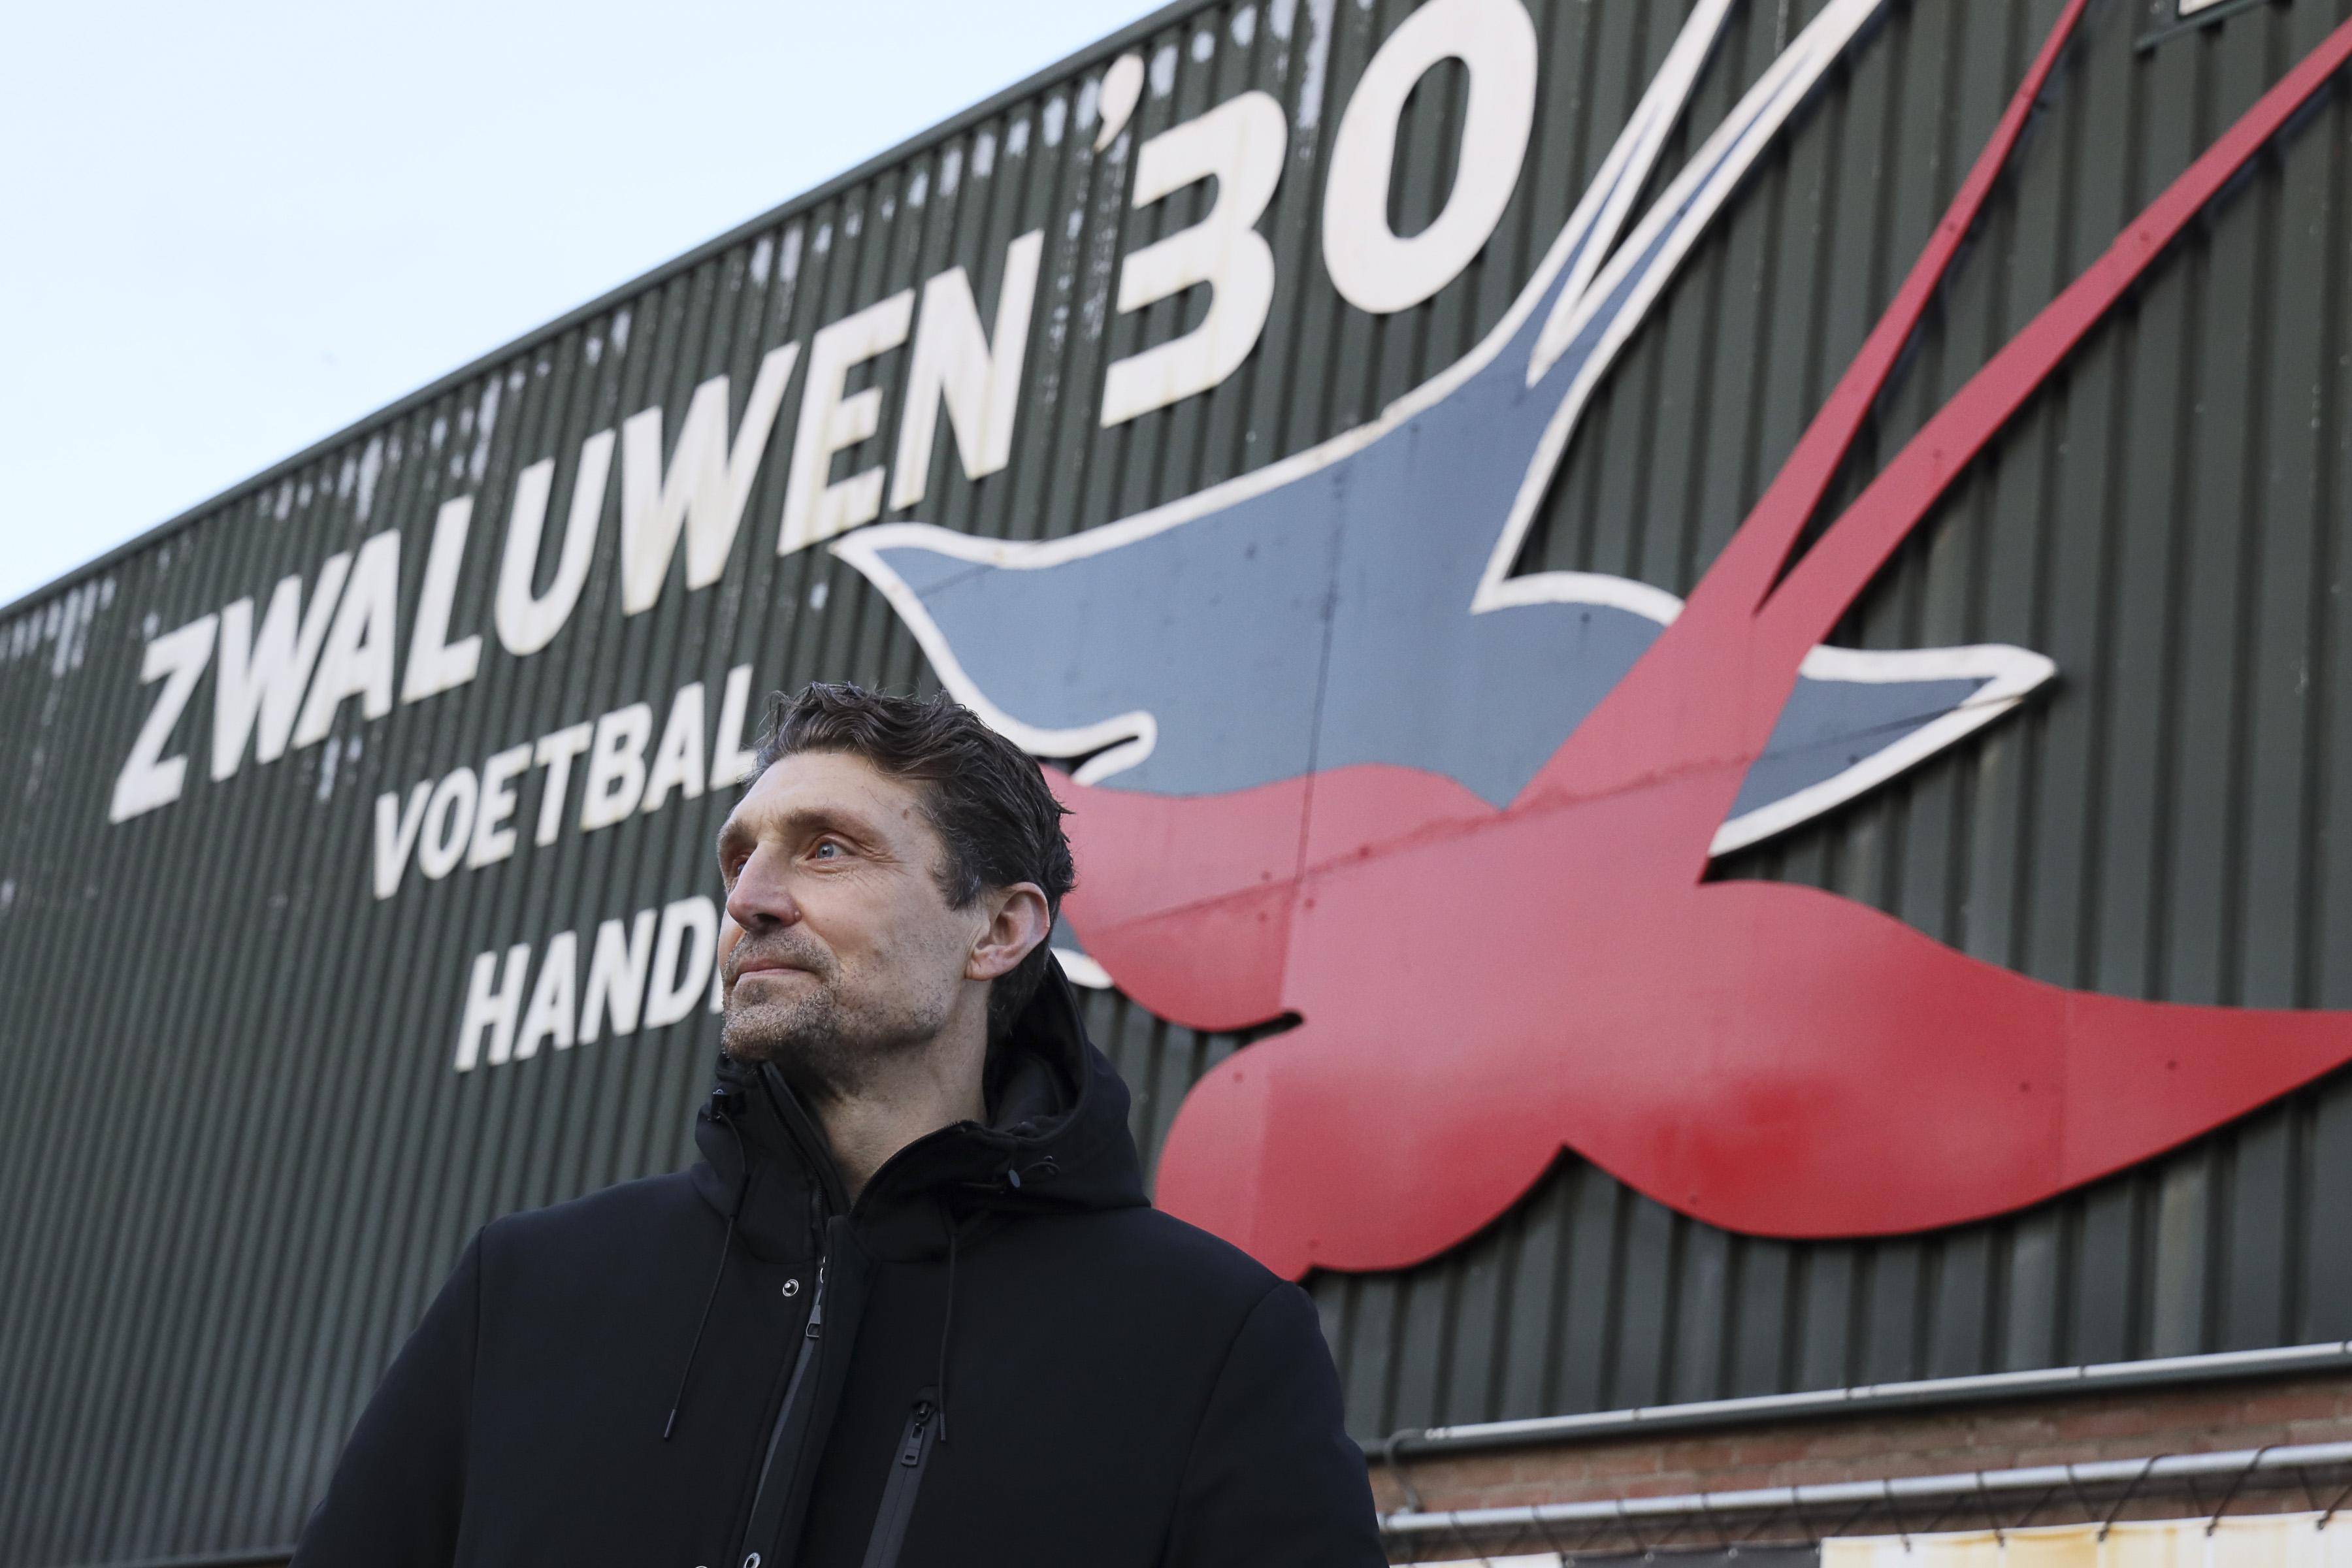 Richard Bulterman kiest voor Zwaluwen'30: 'Een vriend van mij is zijn vader verloren aan corona. Dat zijn momenten die aanzetten tot nadenken over wat je nu écht wil'